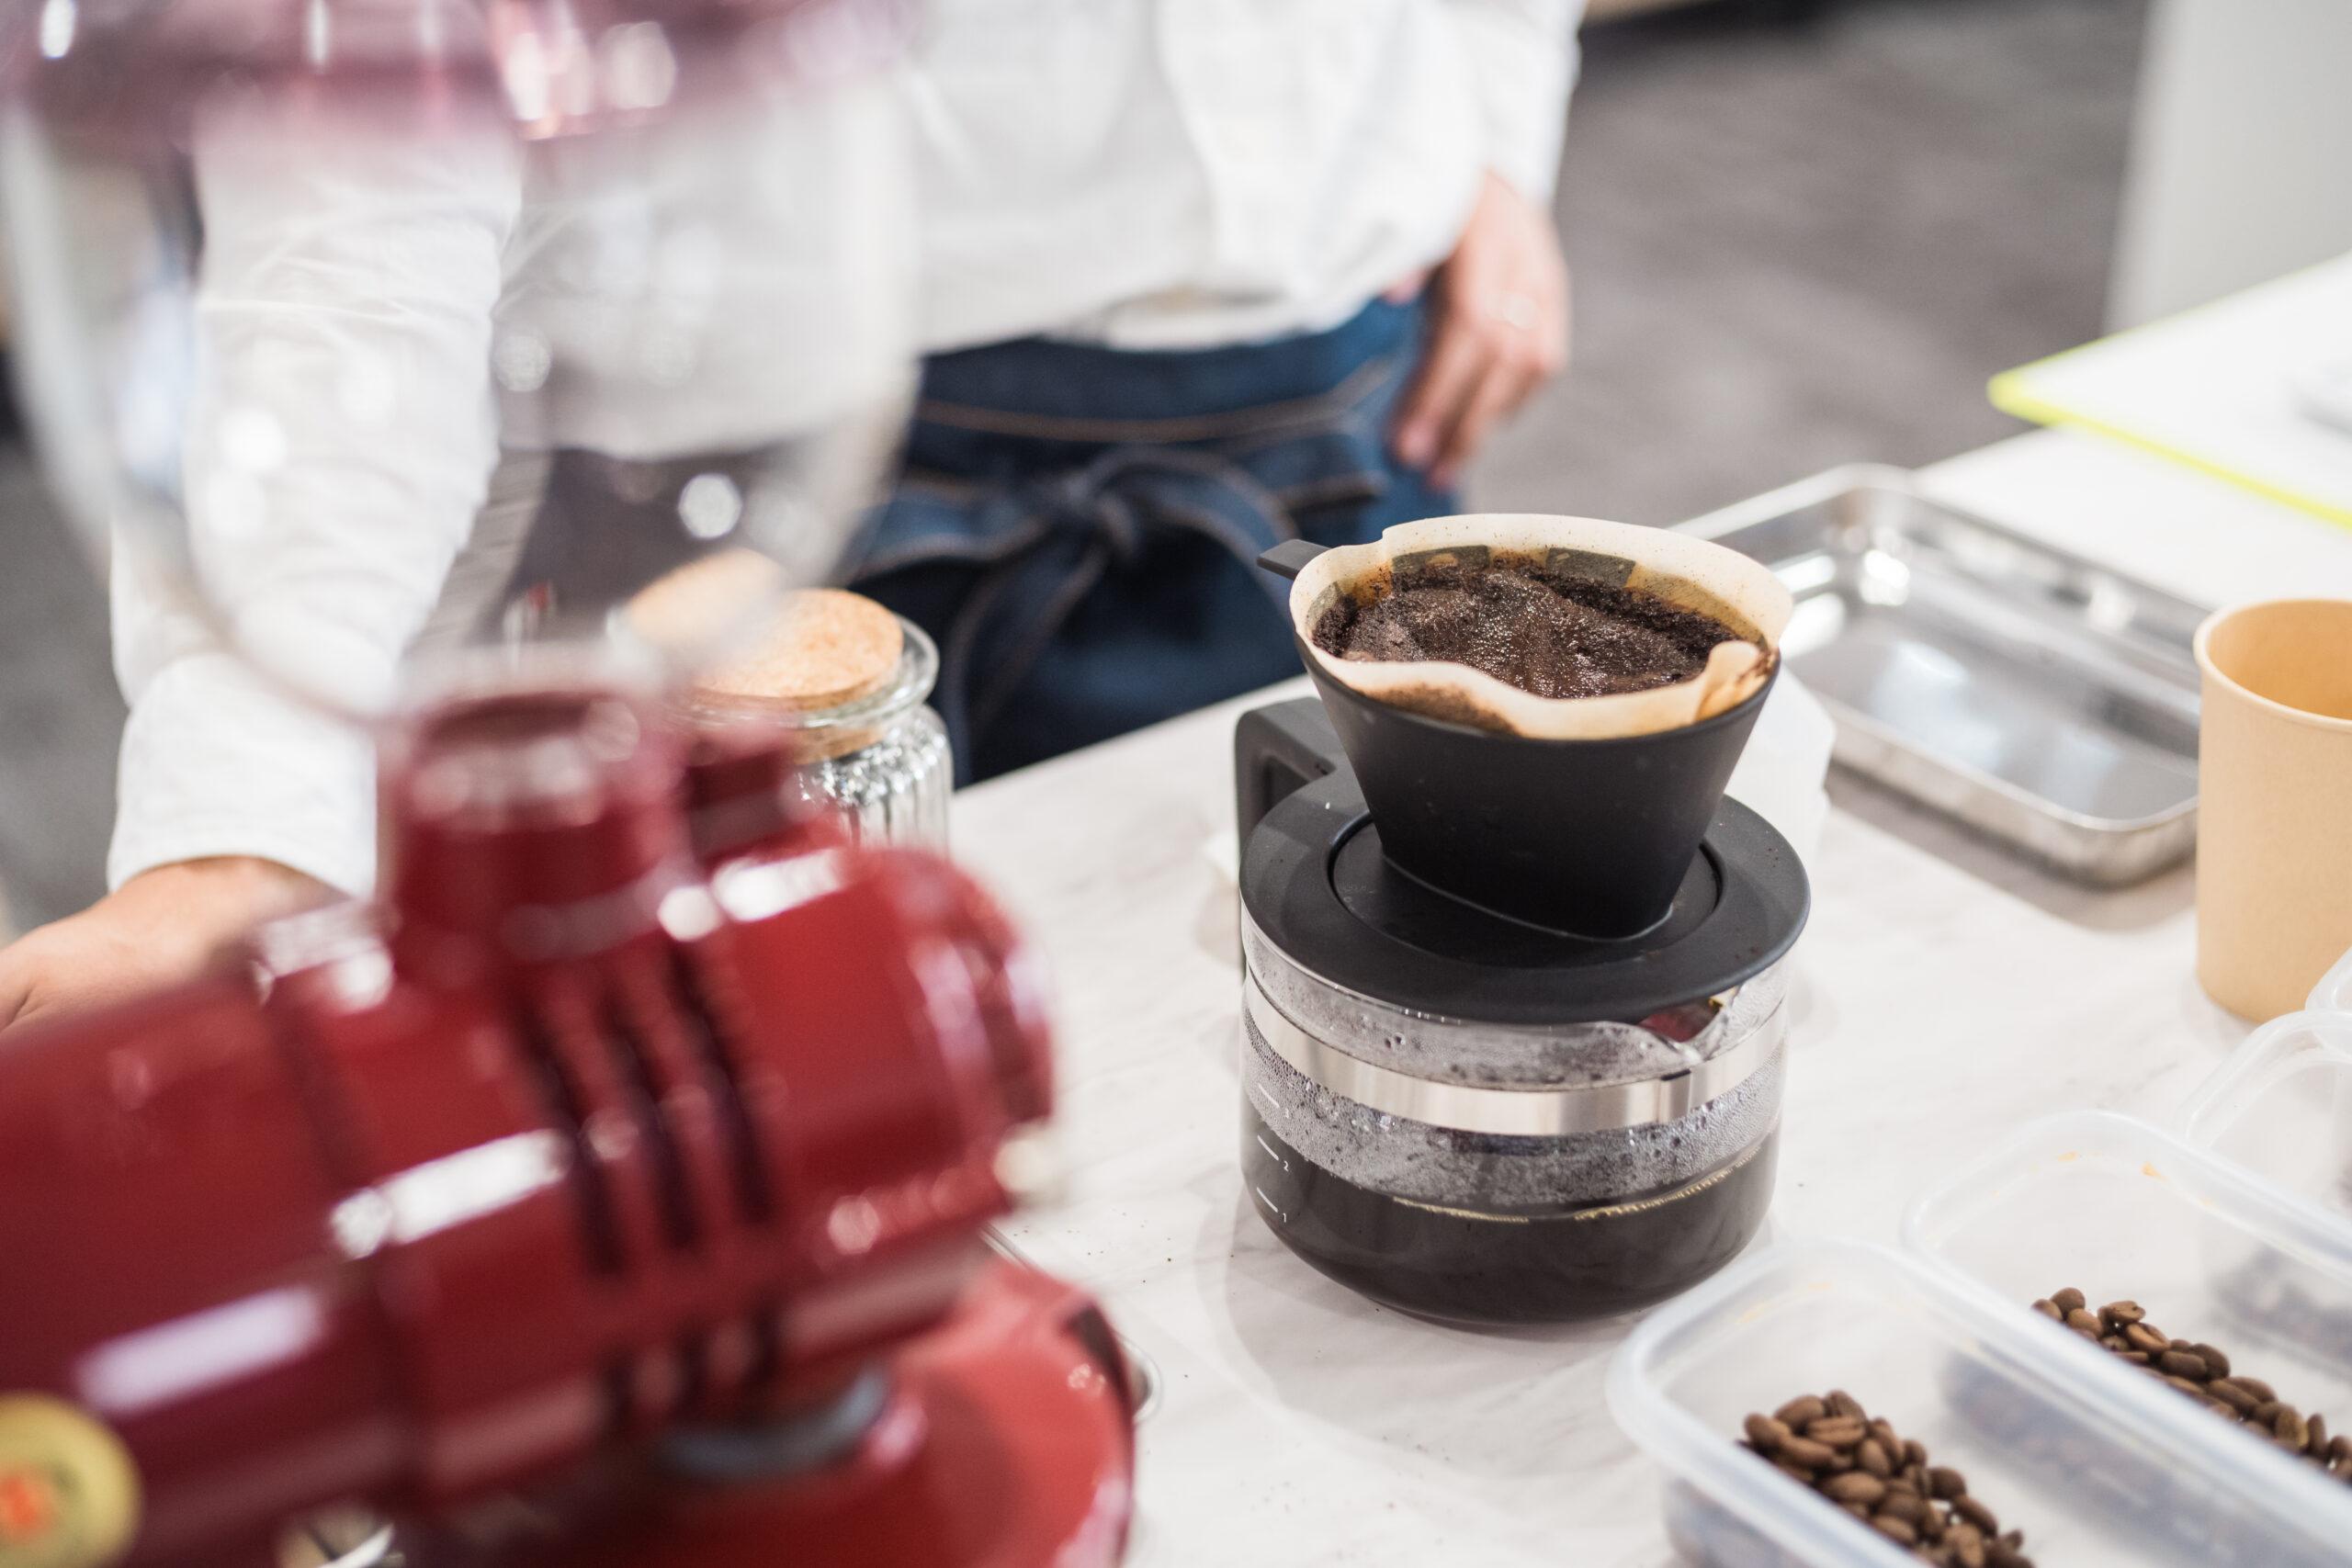 クラフトコーヒーの実践的な作業プログラム